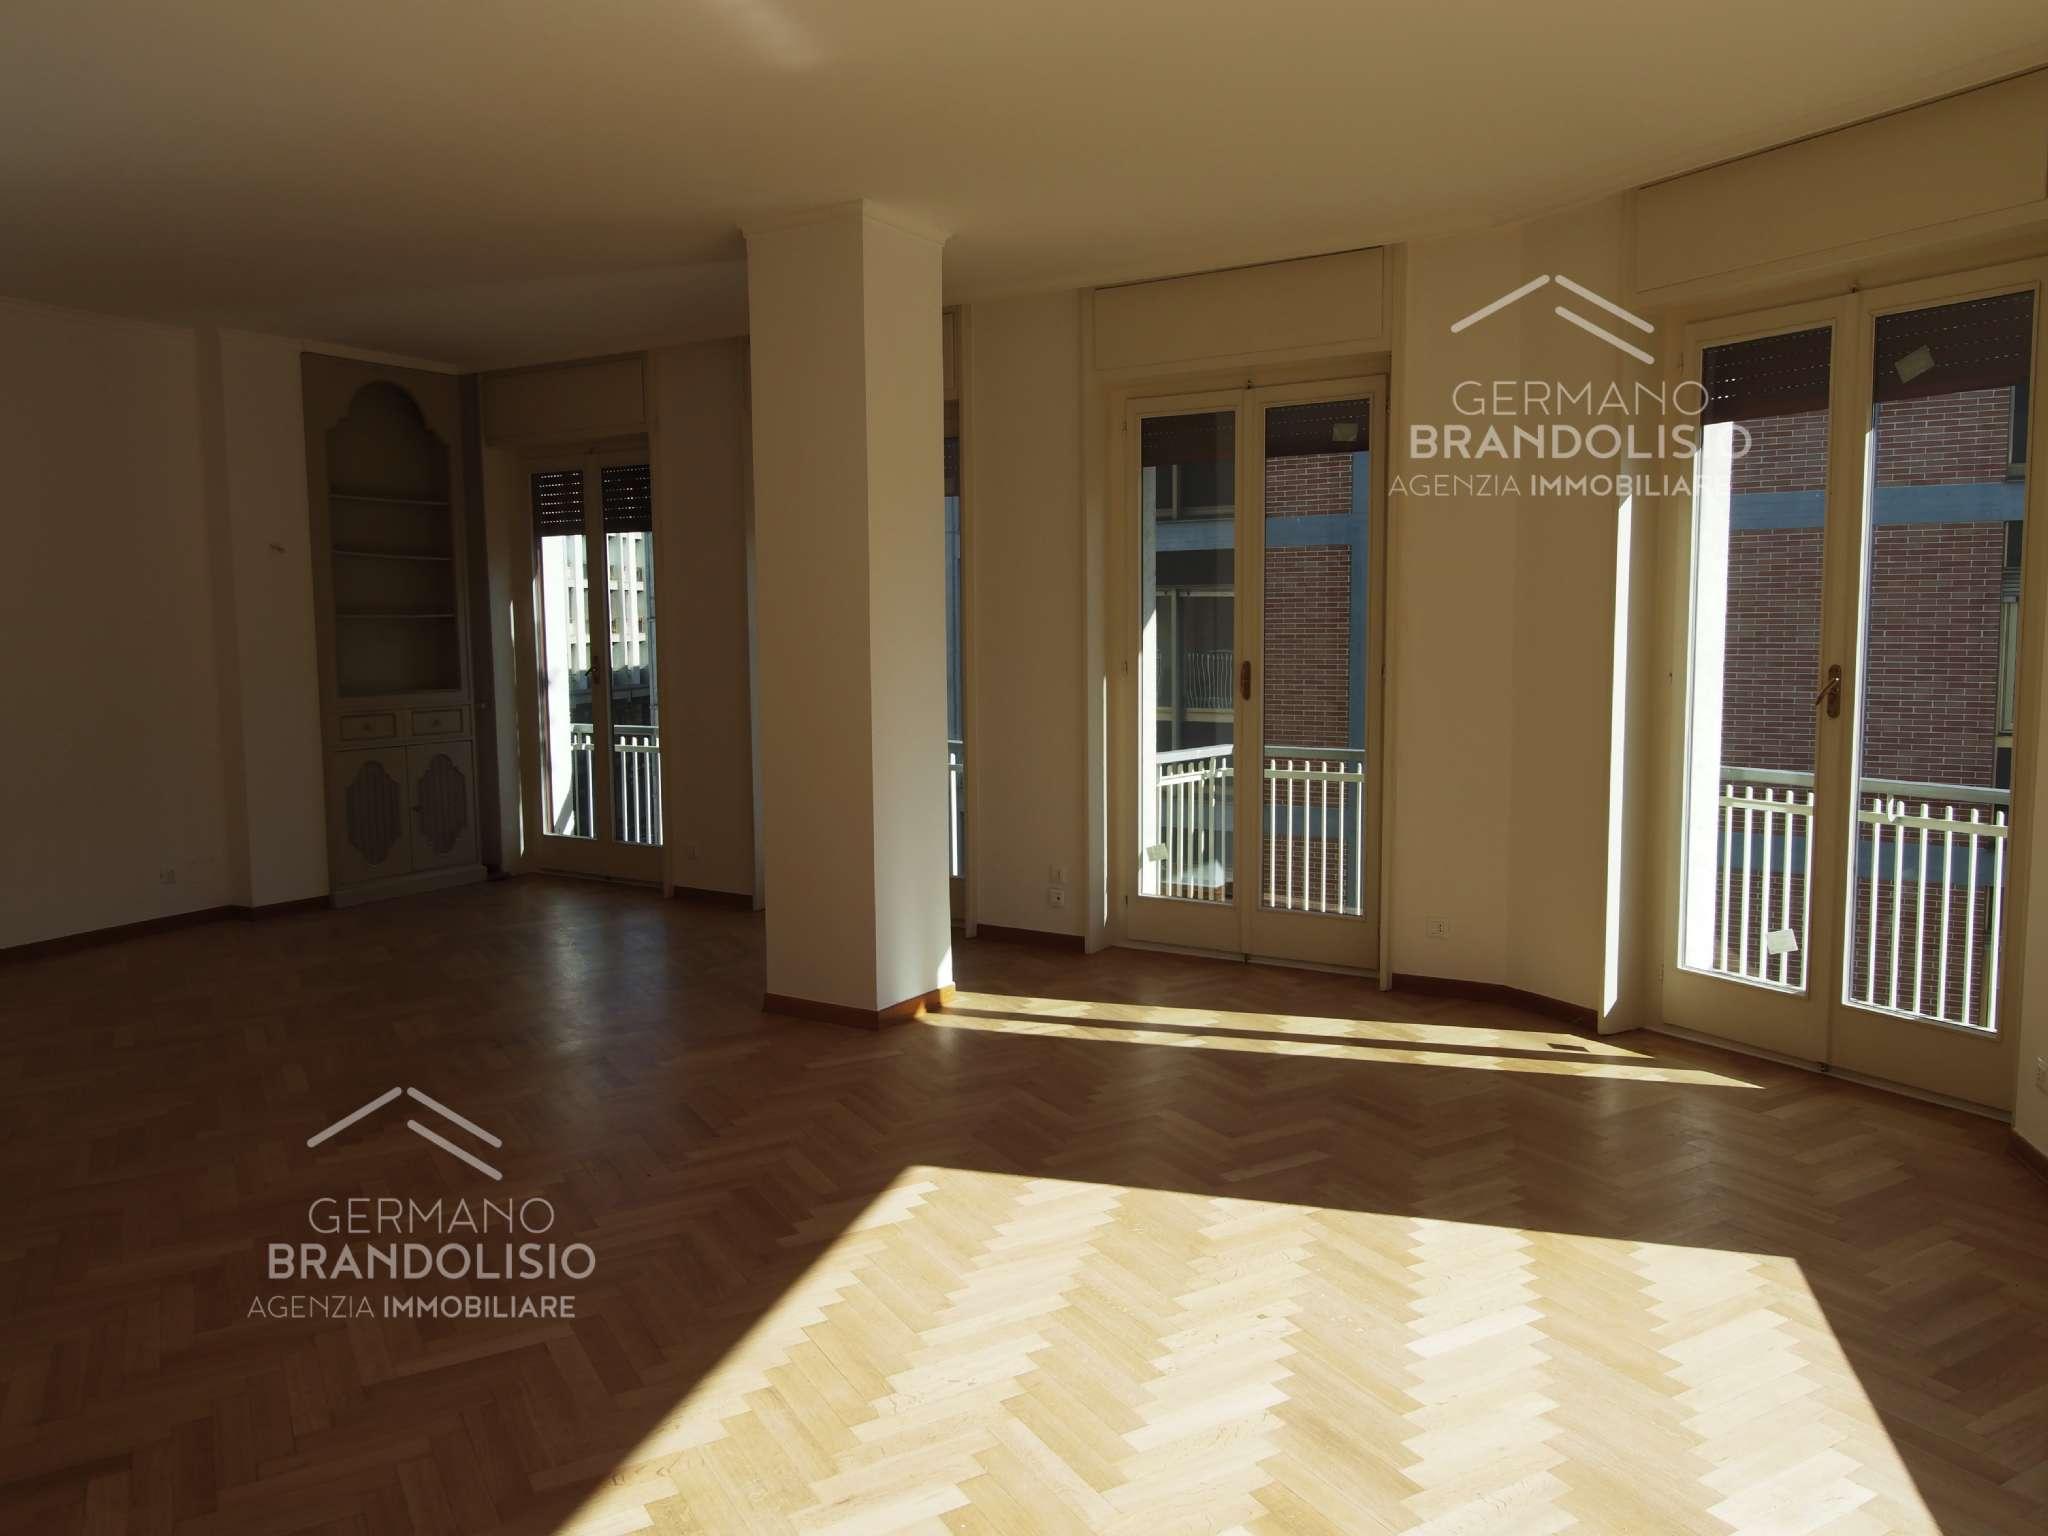 Appartamento in affitto a Treviso, 7 locali, prezzo € 2.500 | CambioCasa.it